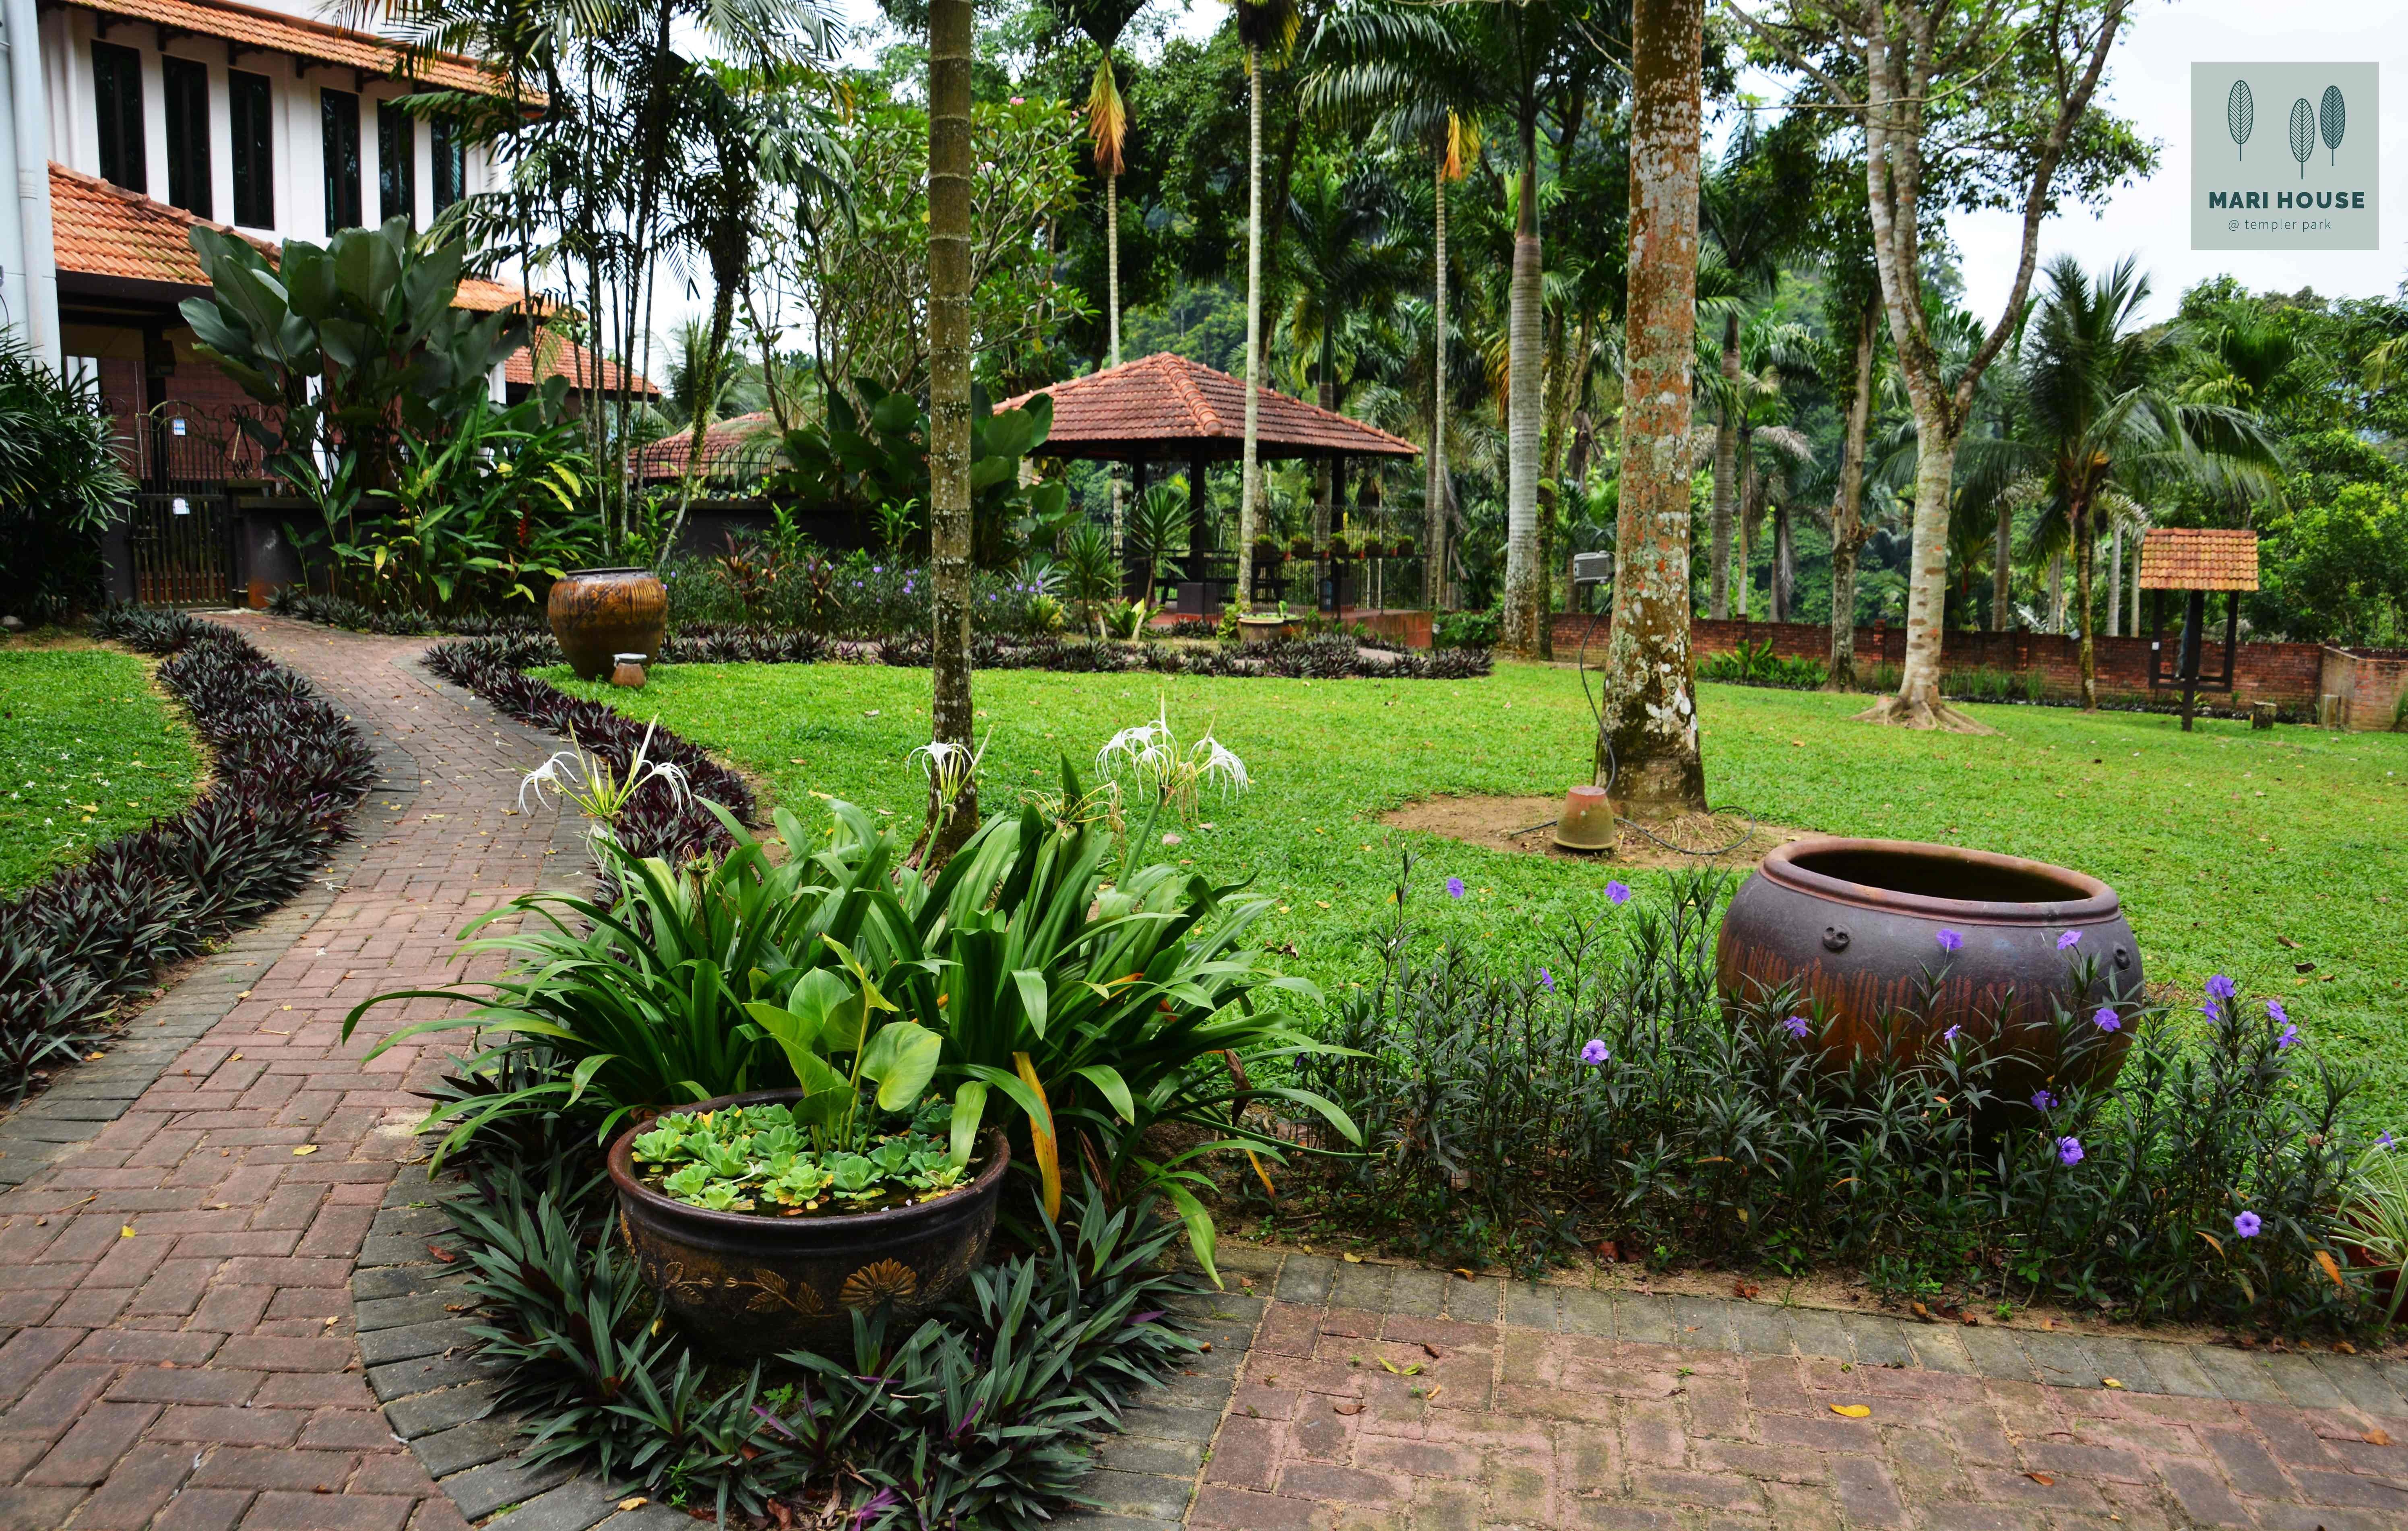 Mari House in Rawang, Kuala Lumpur